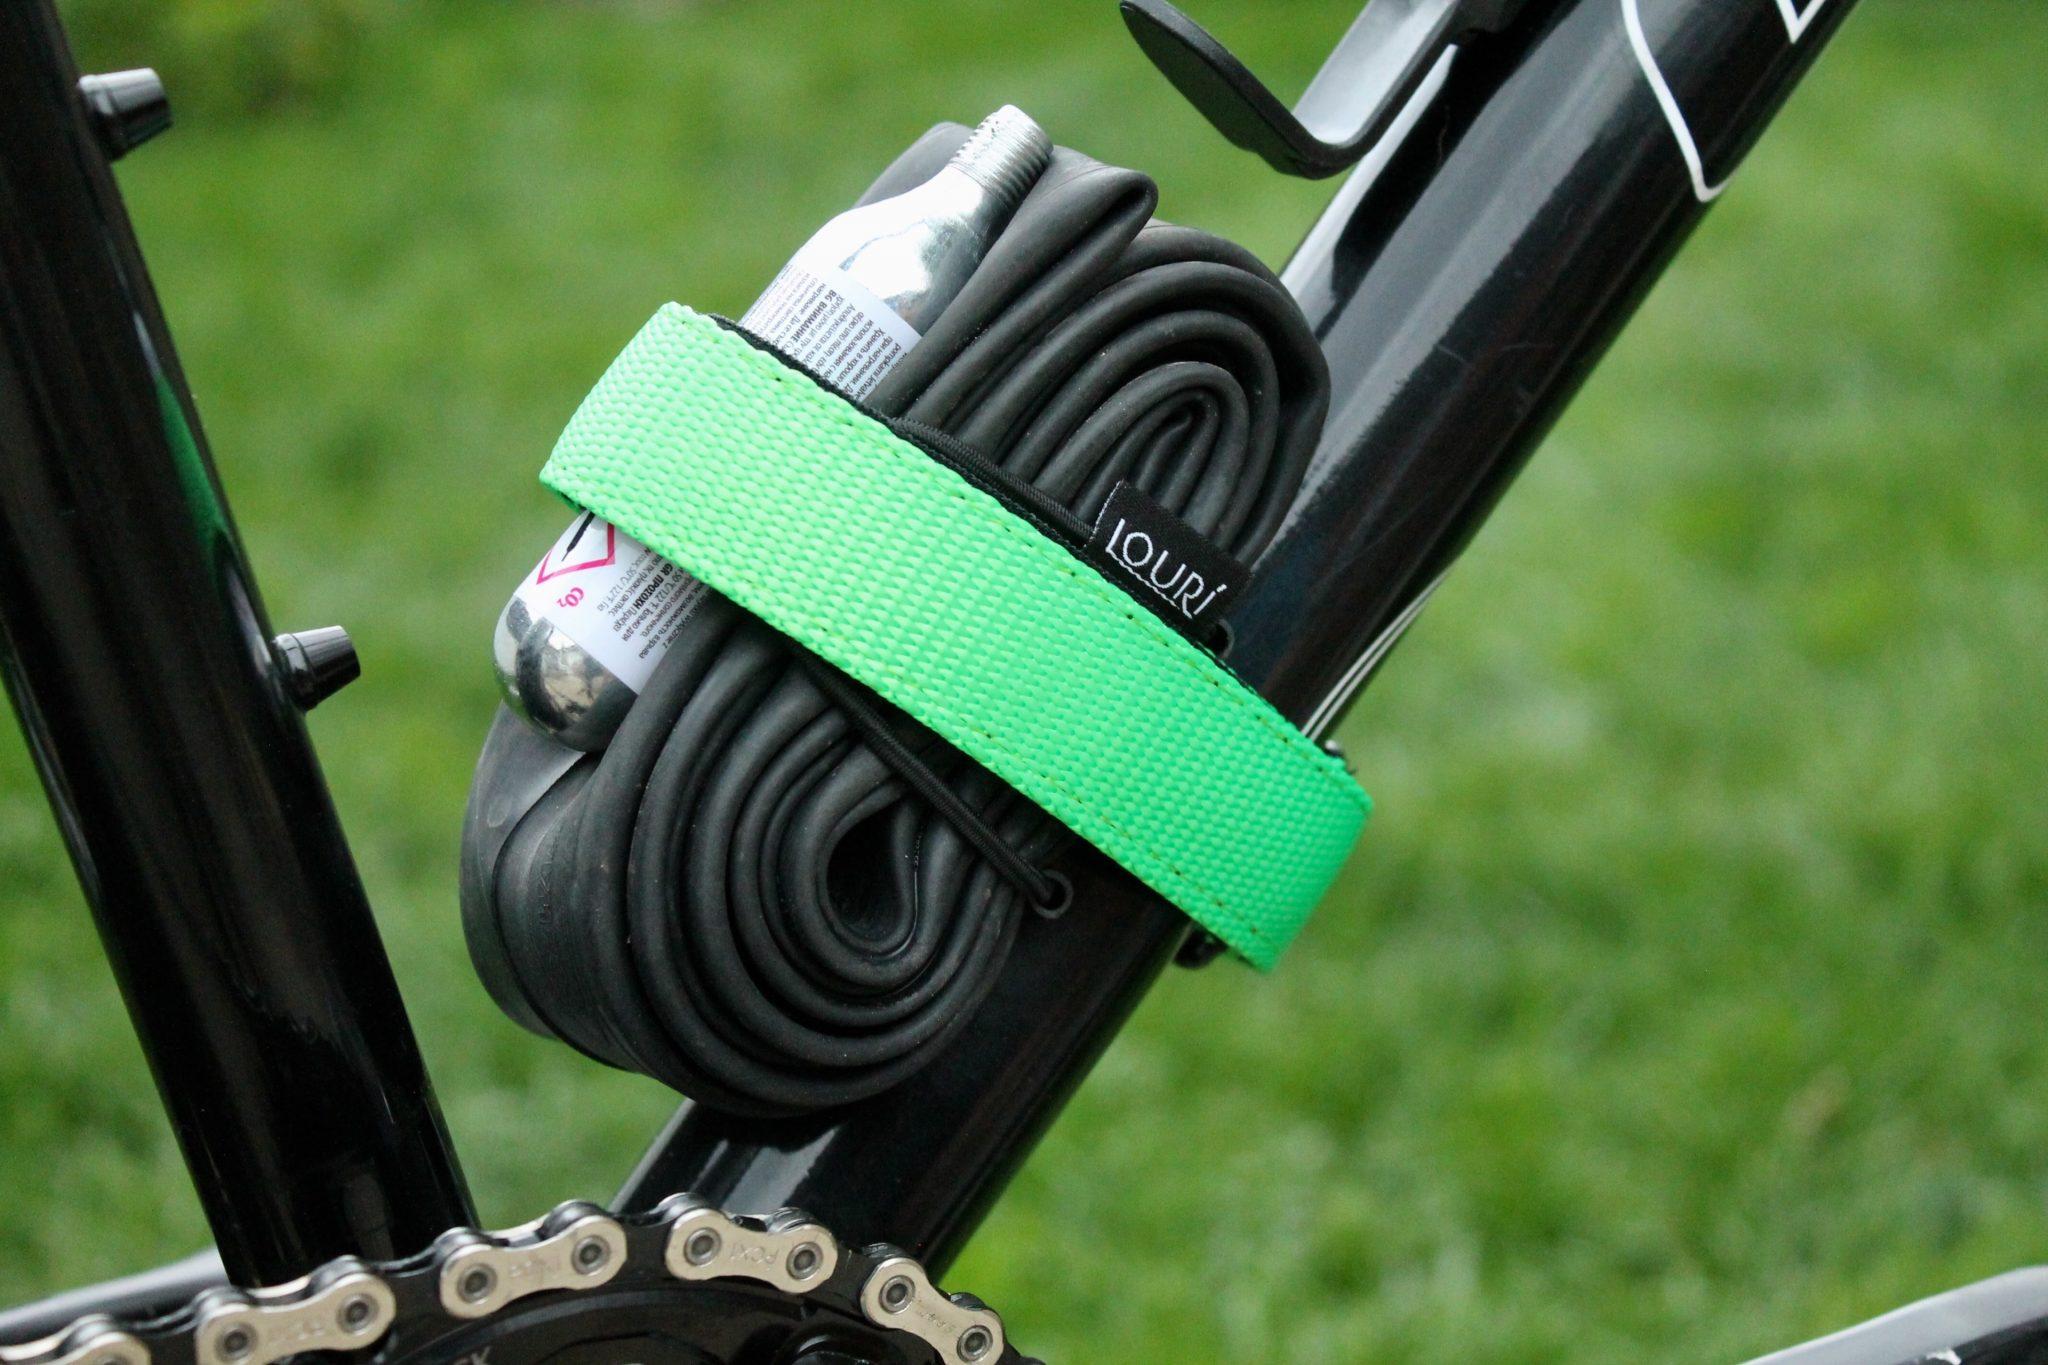 Velcro untuk mengikat ban dalam pada frame sepeda